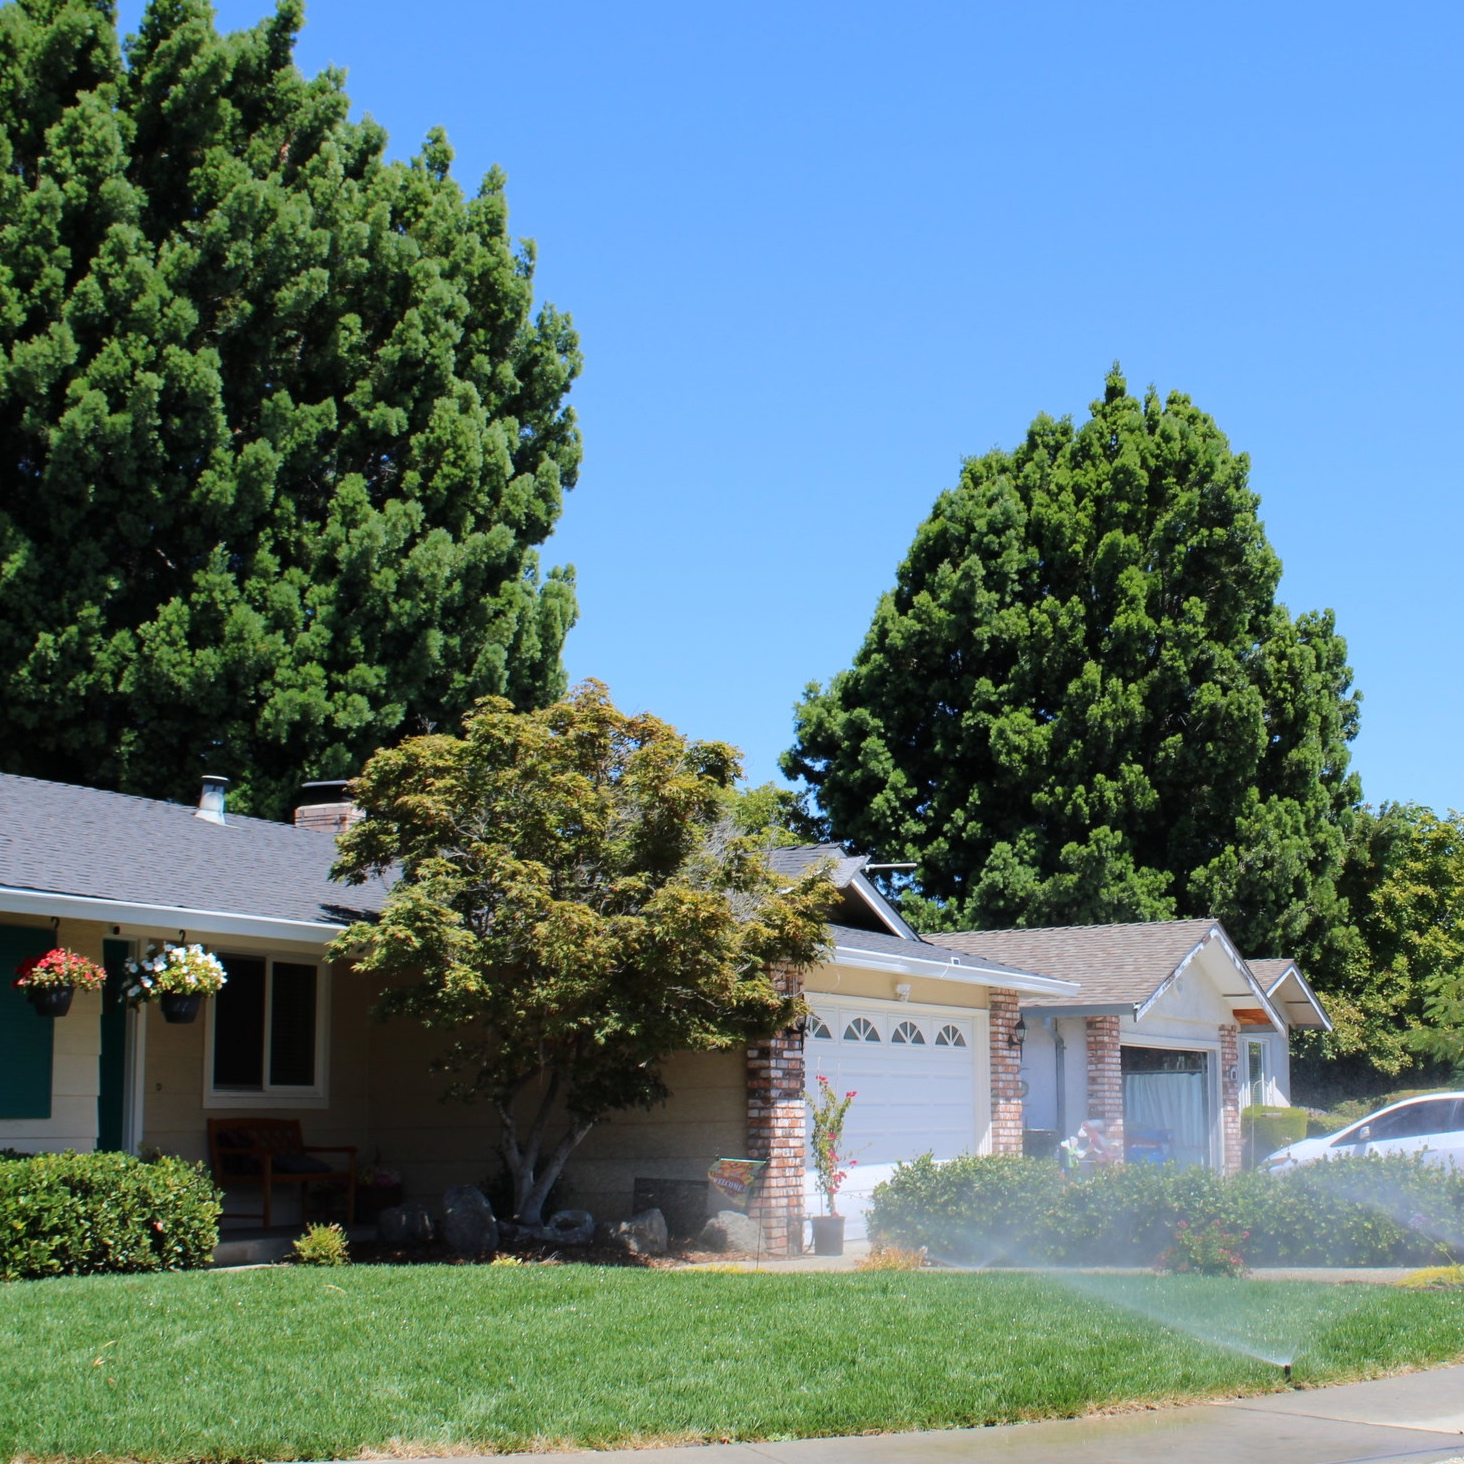 house+sprinklers.jpg